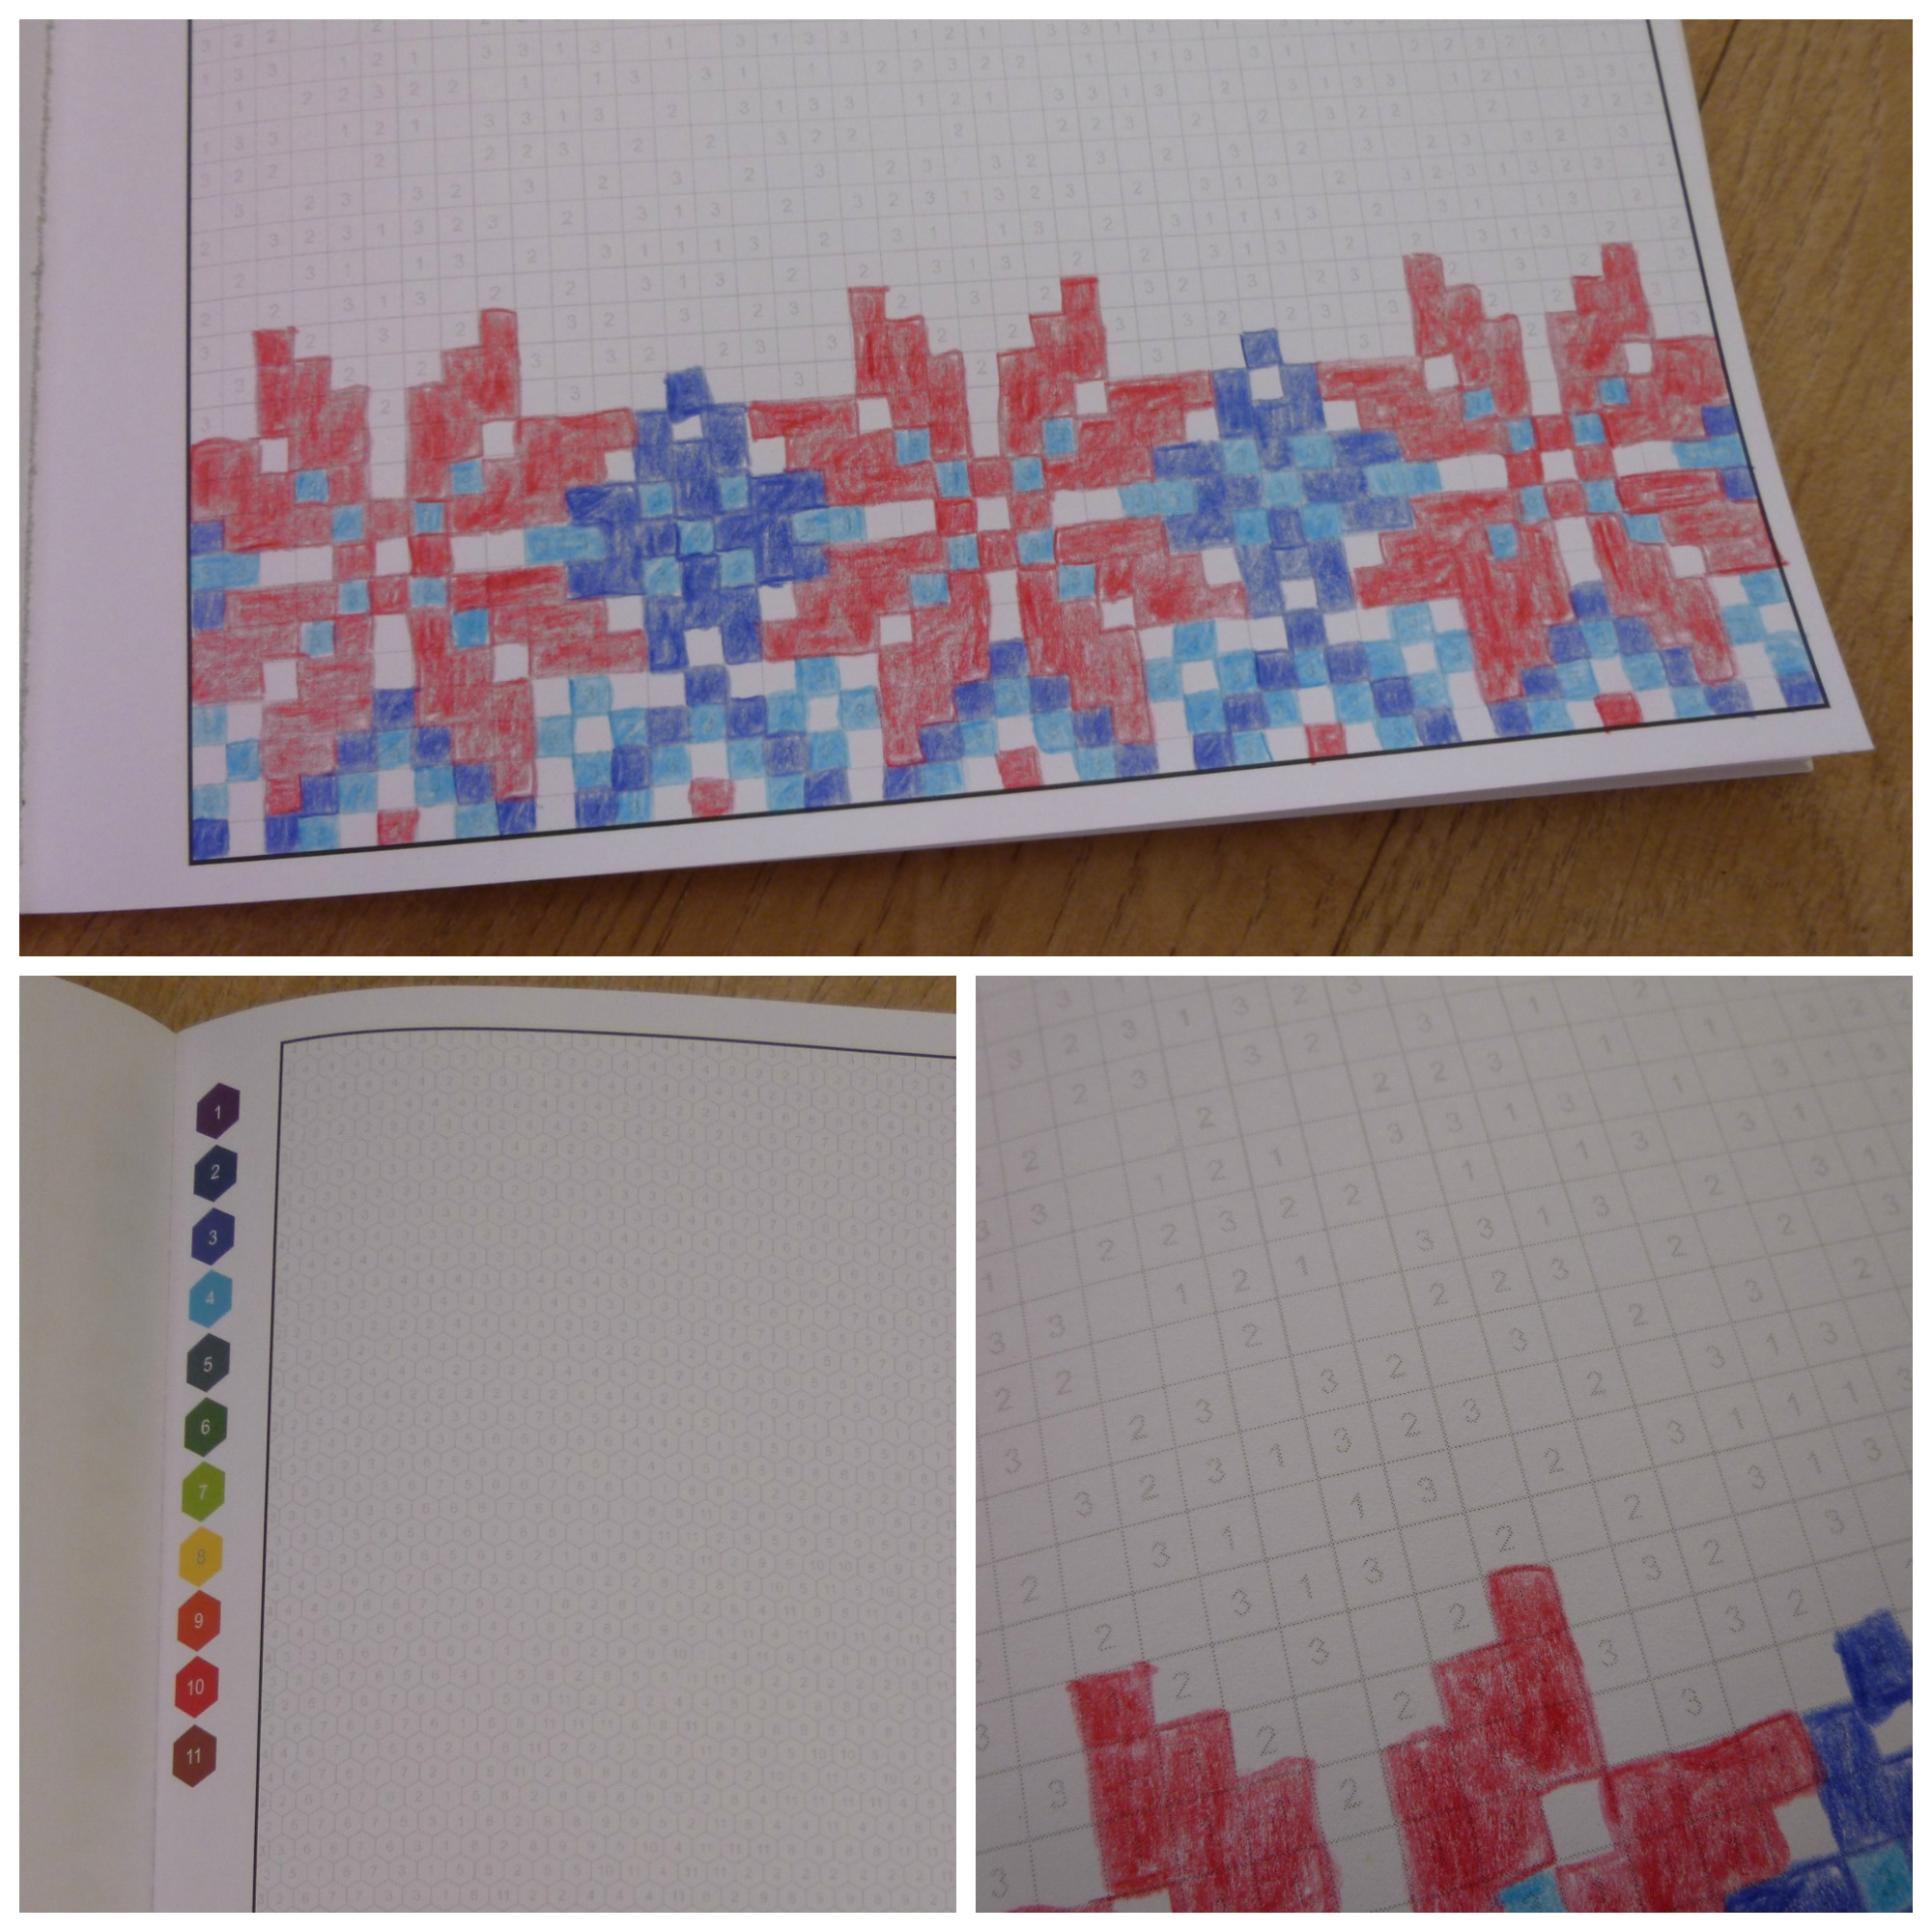 Kleurplaten Voor Volwassenen Met Nummers.Kleuren Op Nummer Extreme Kleurpuzzels Voor Volwassenen Recensie